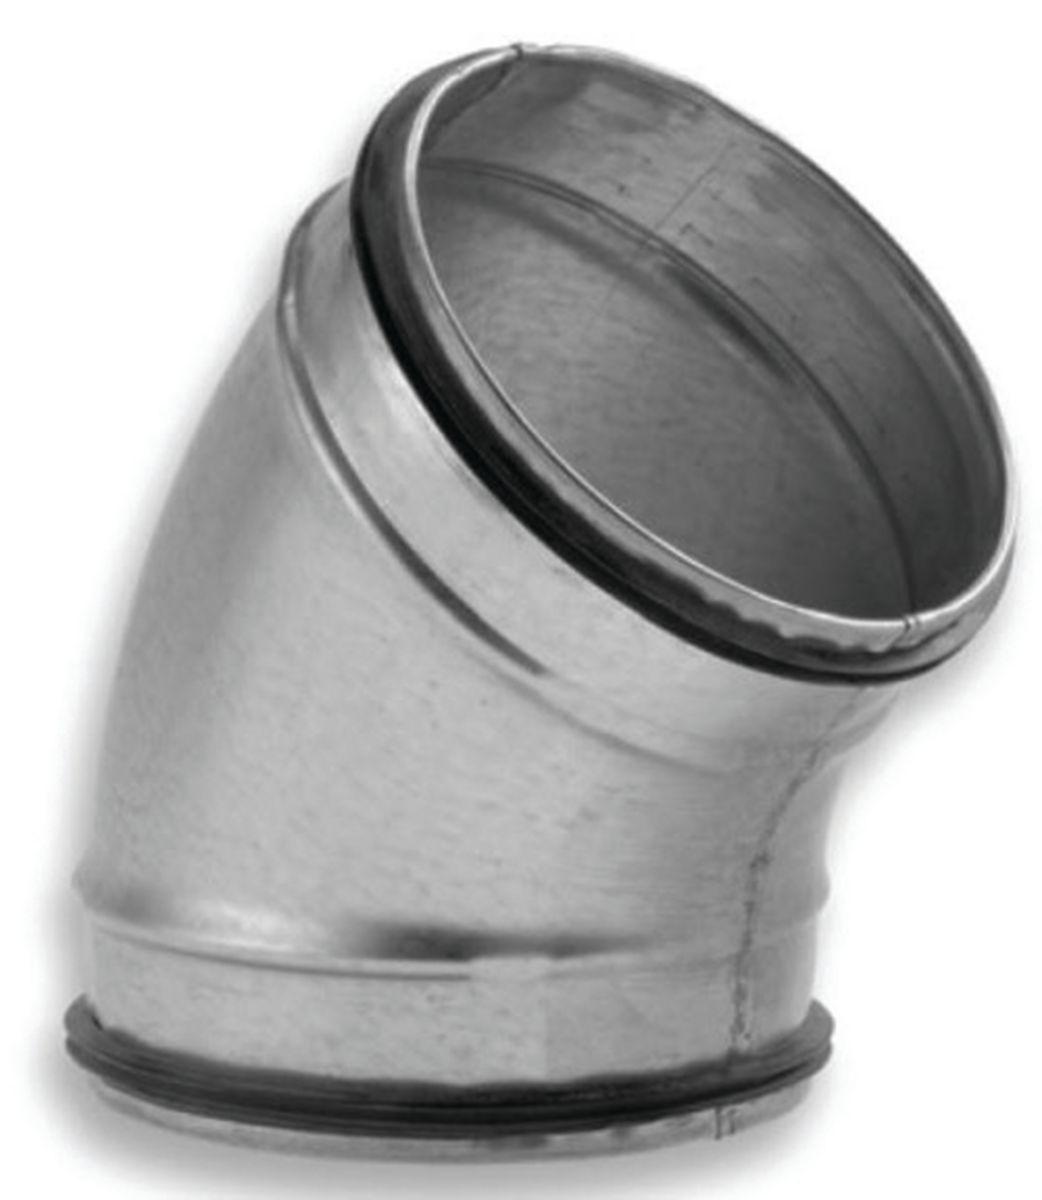 Coude 45 degrés galva diamètre 200mm joints